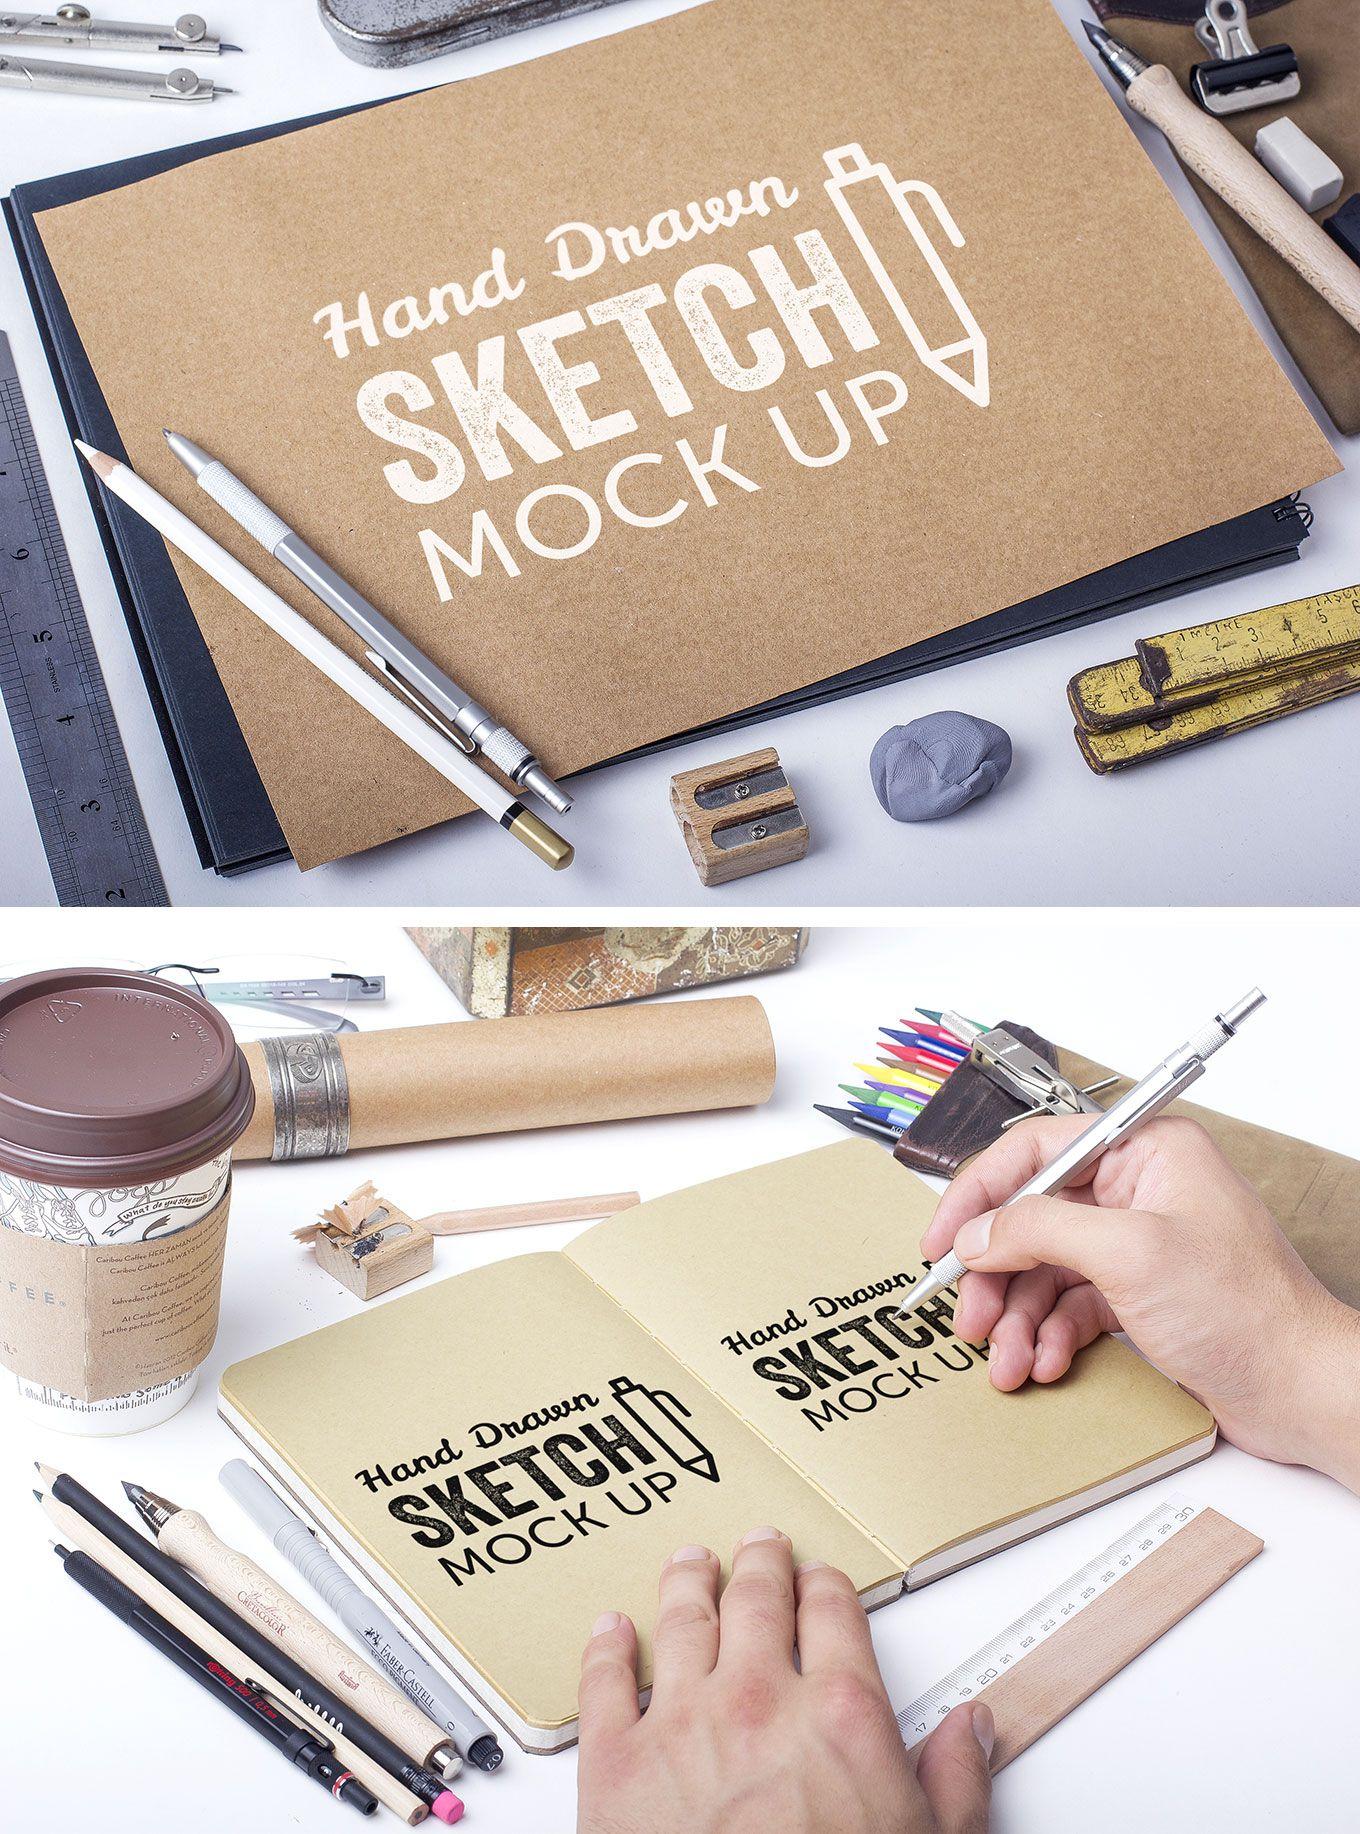 mockup gratuito para crear bocetos